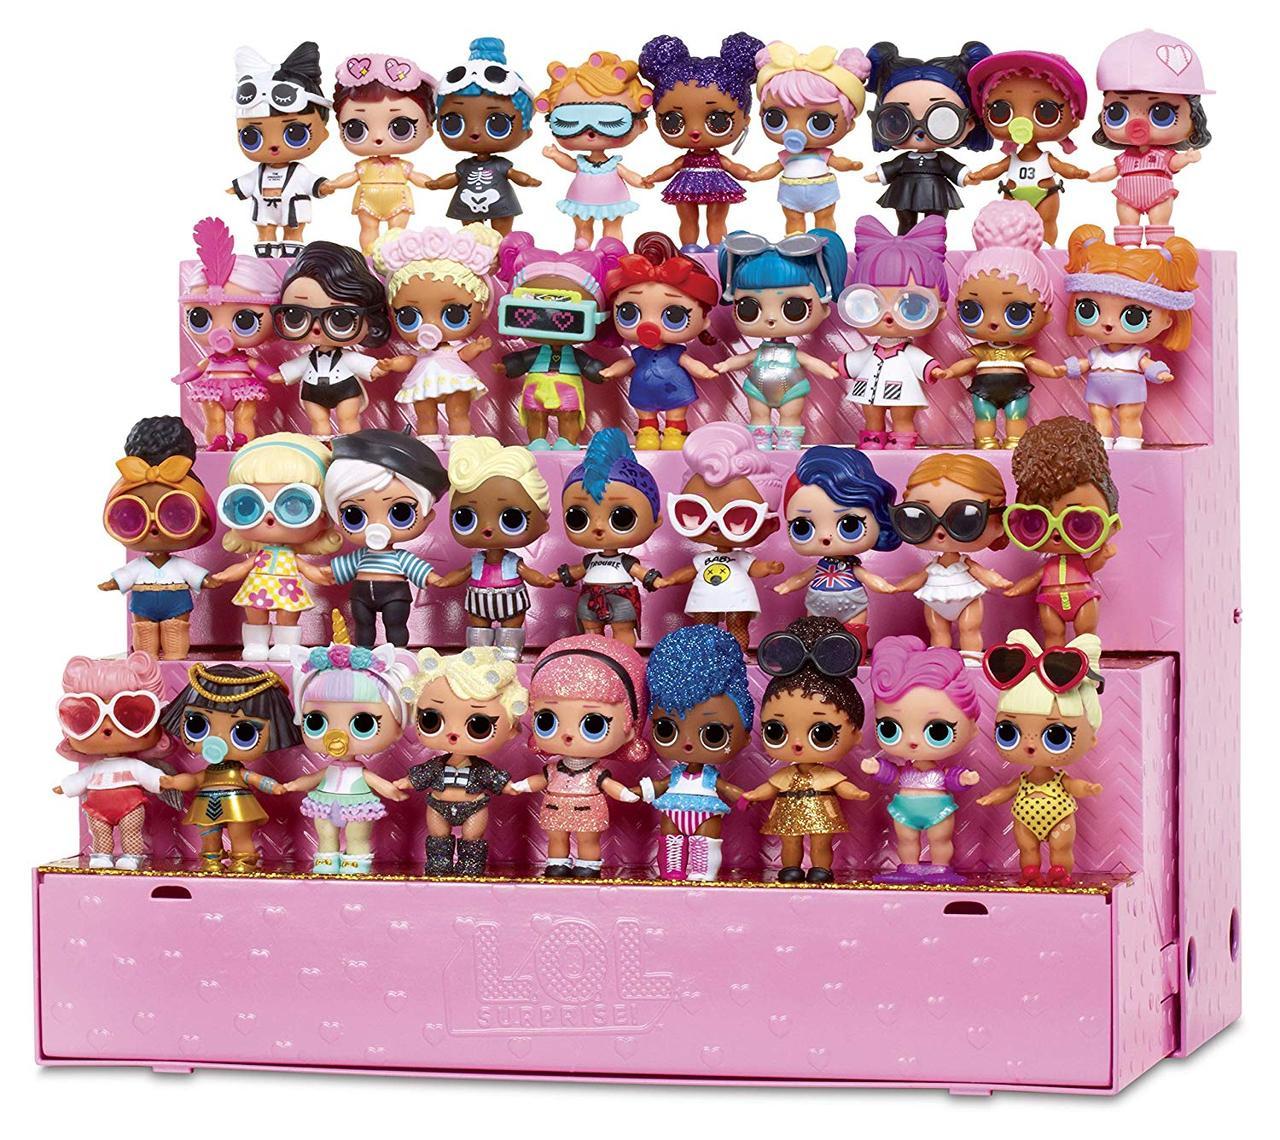 Игровой набор Лол L. O. L. Surprise Pop-Up Store Модный подиум 3-в-1 MGA (552314)